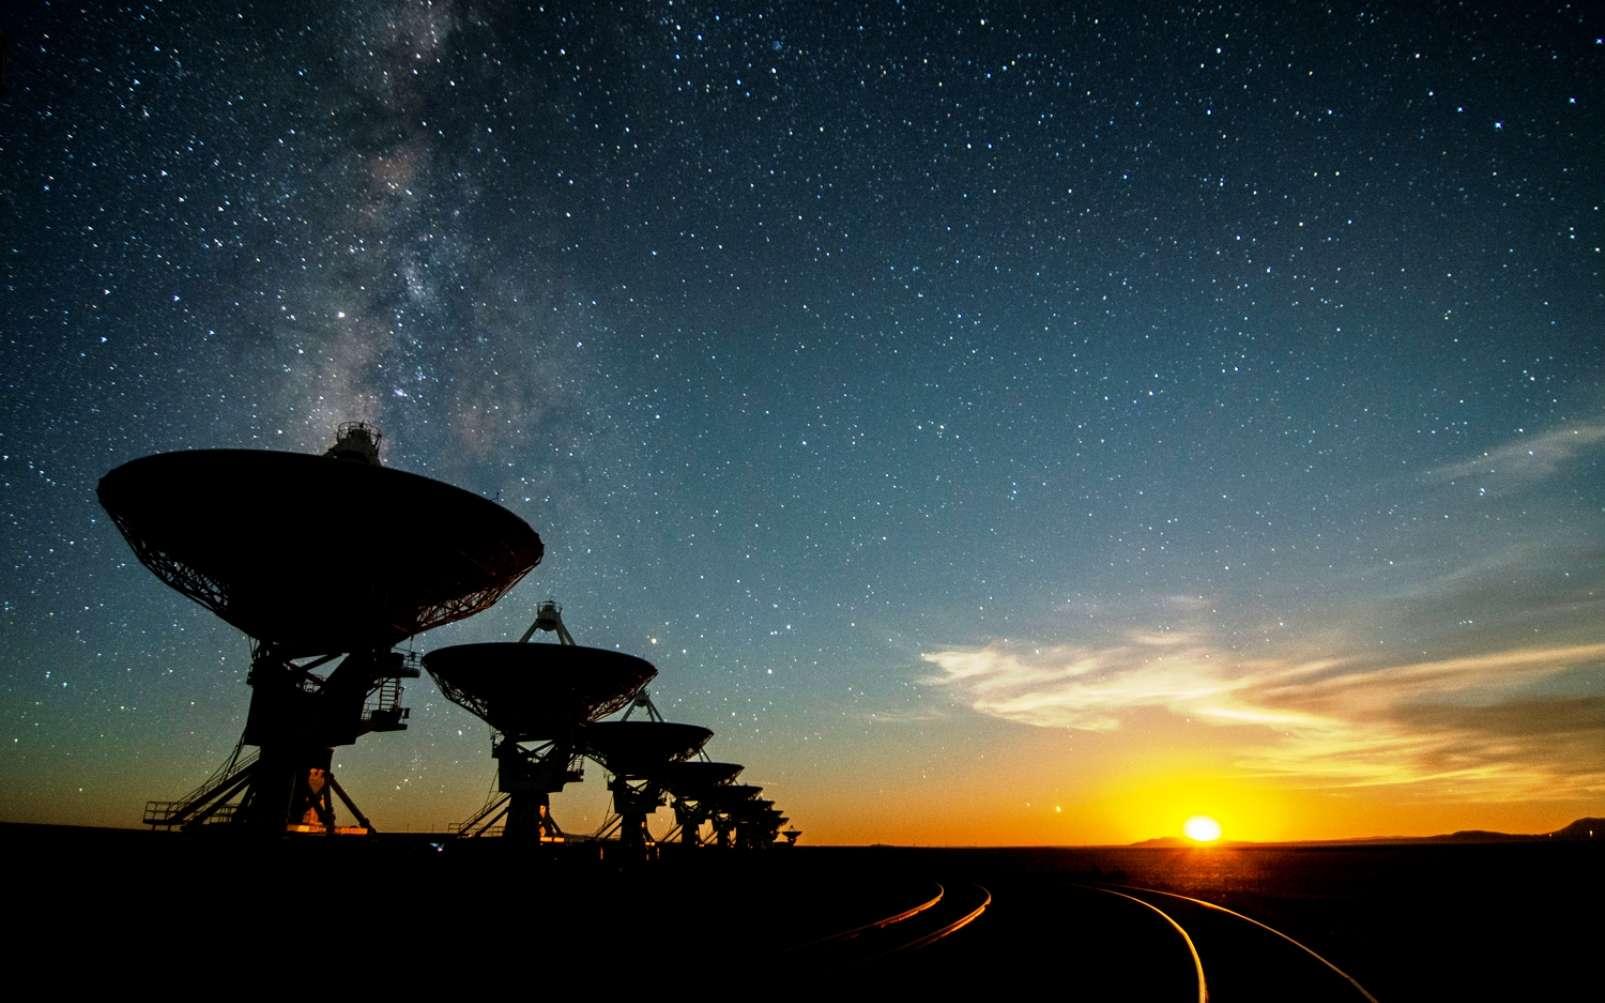 Les antennes du VLA au Nouveau-Mexique. L'observatoire collabore avec le programme Breakthrough Listen et Seti. © NRAO/AUI/NSF; J. Hellerman